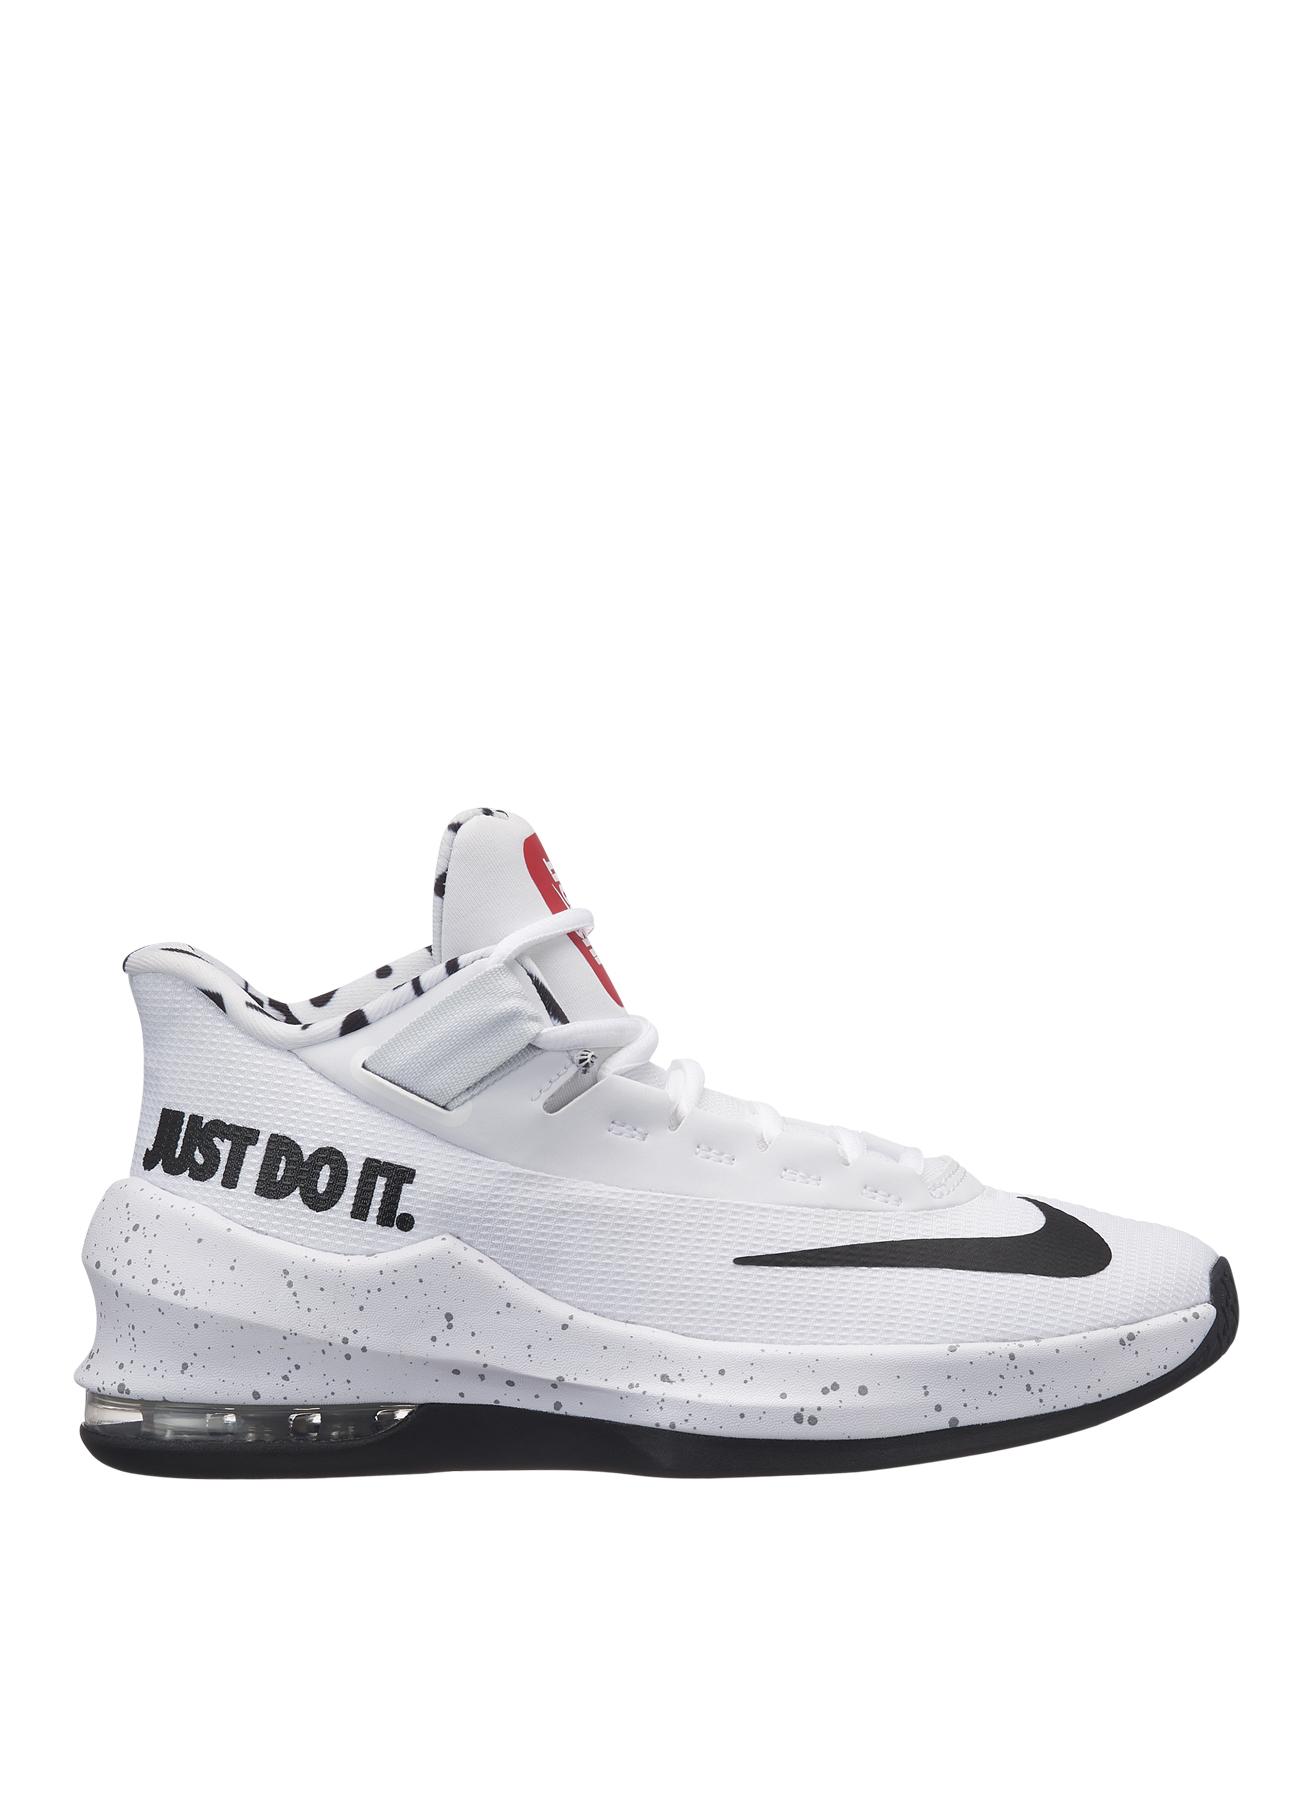 Nike Yürüyüş Ayakkabısı 37.5 5001635478004 Ürün Resmi